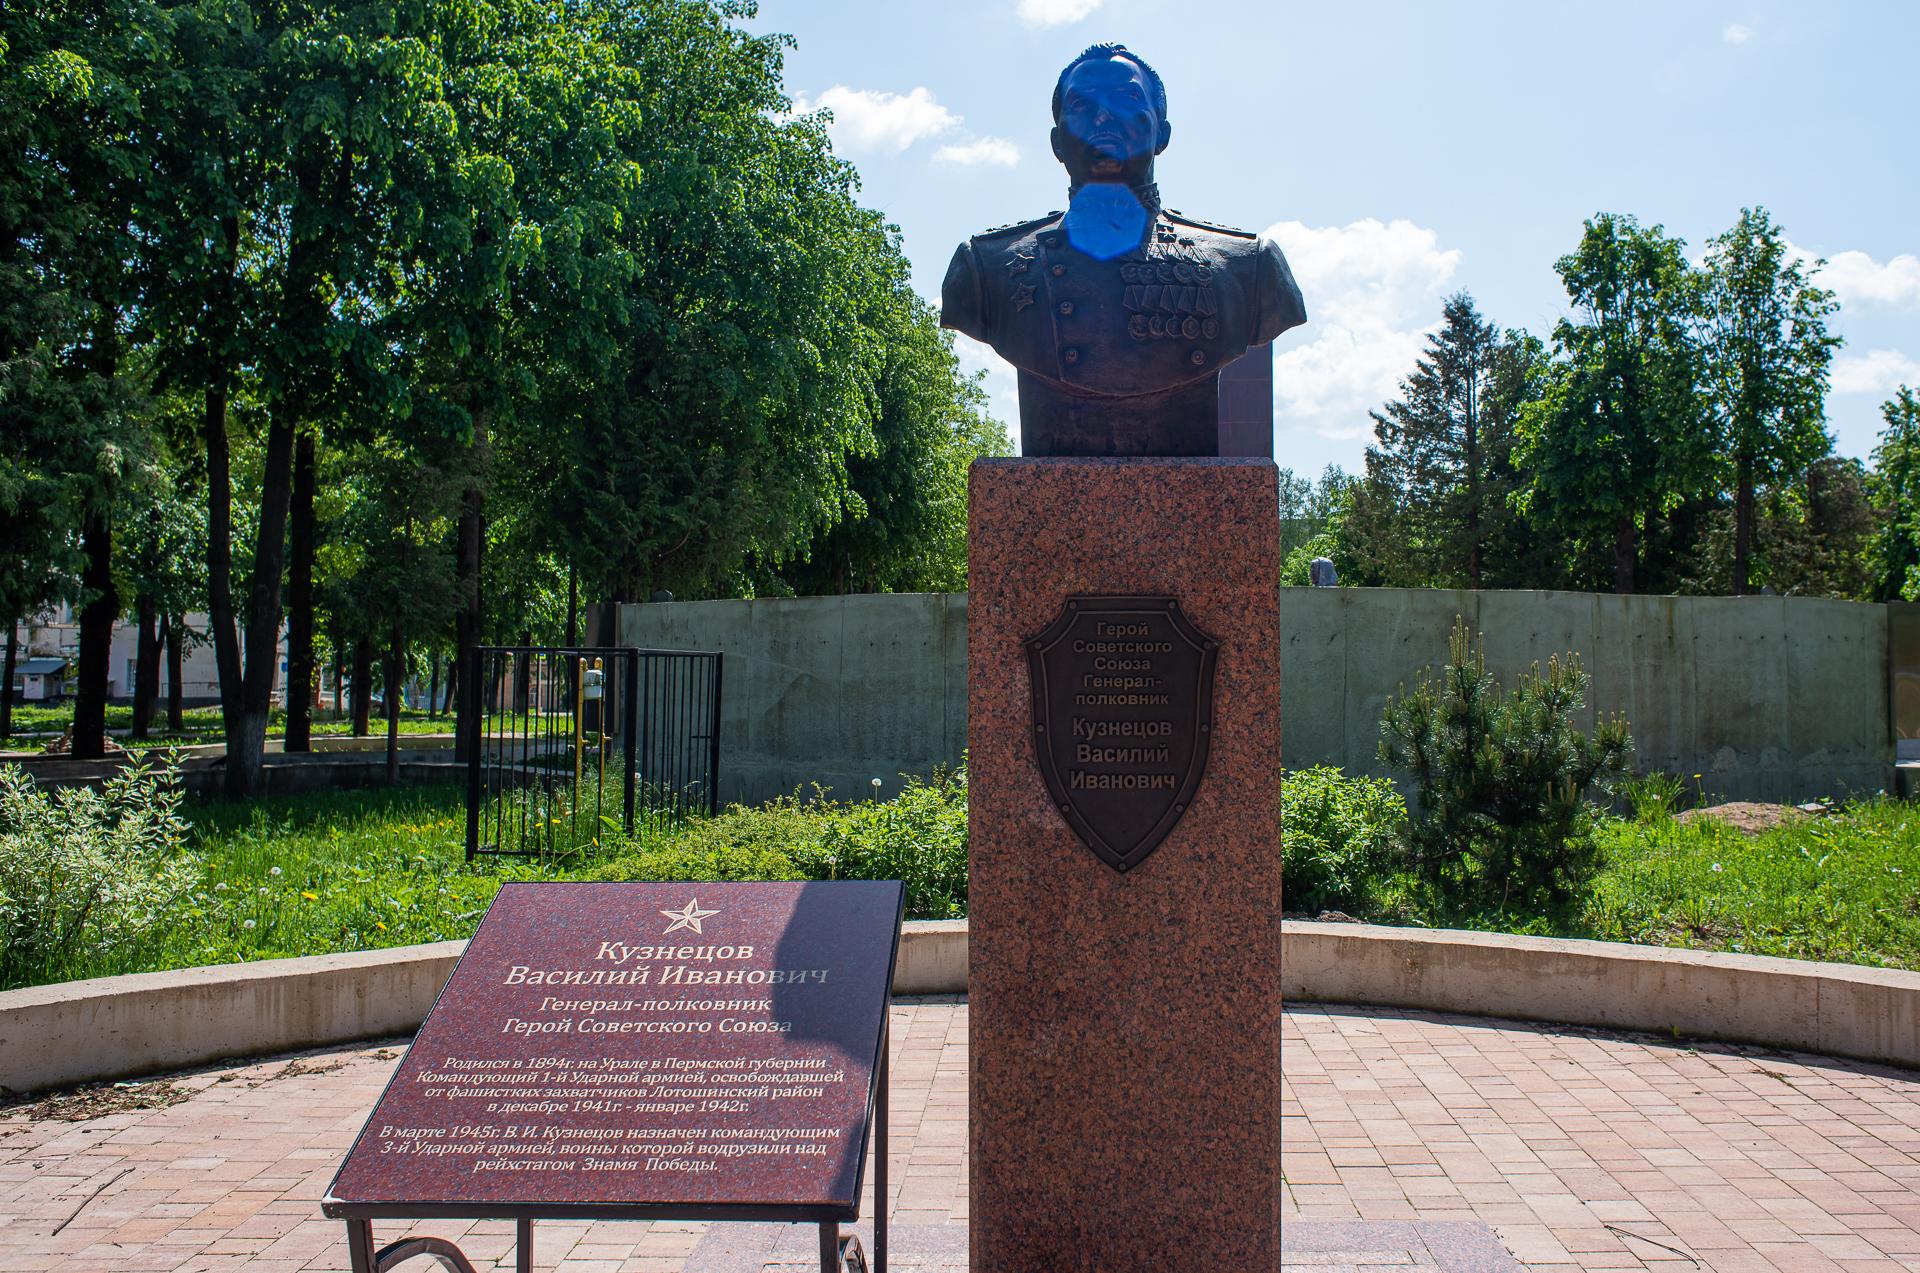 Лотошино, памятник  Кузнецову Василию Ивановичу